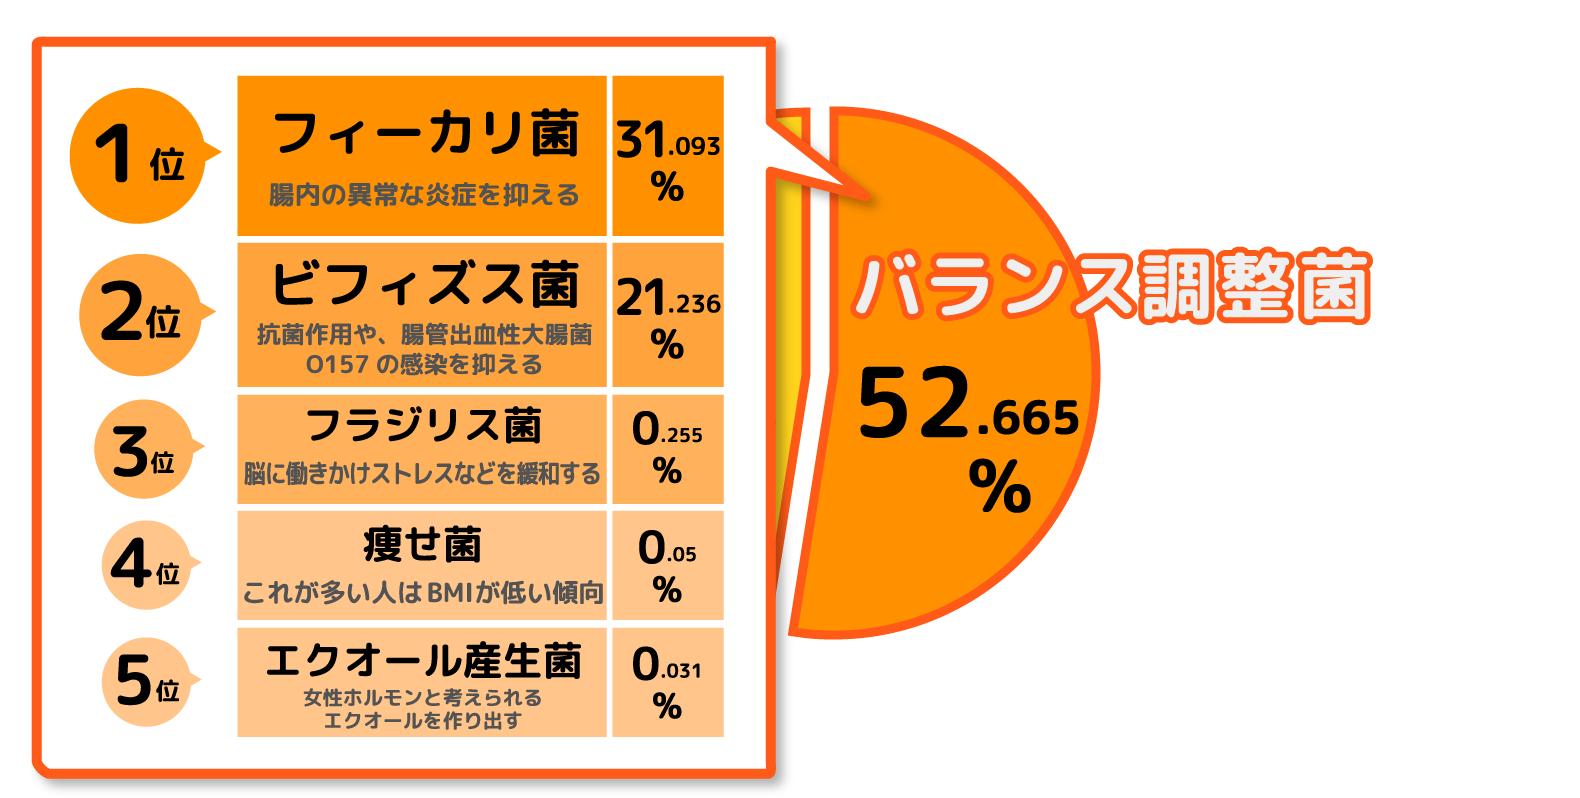 痩せ菌チェックモニター・福田りえさん・腸内フローラバランス・バランス調整菌内訳